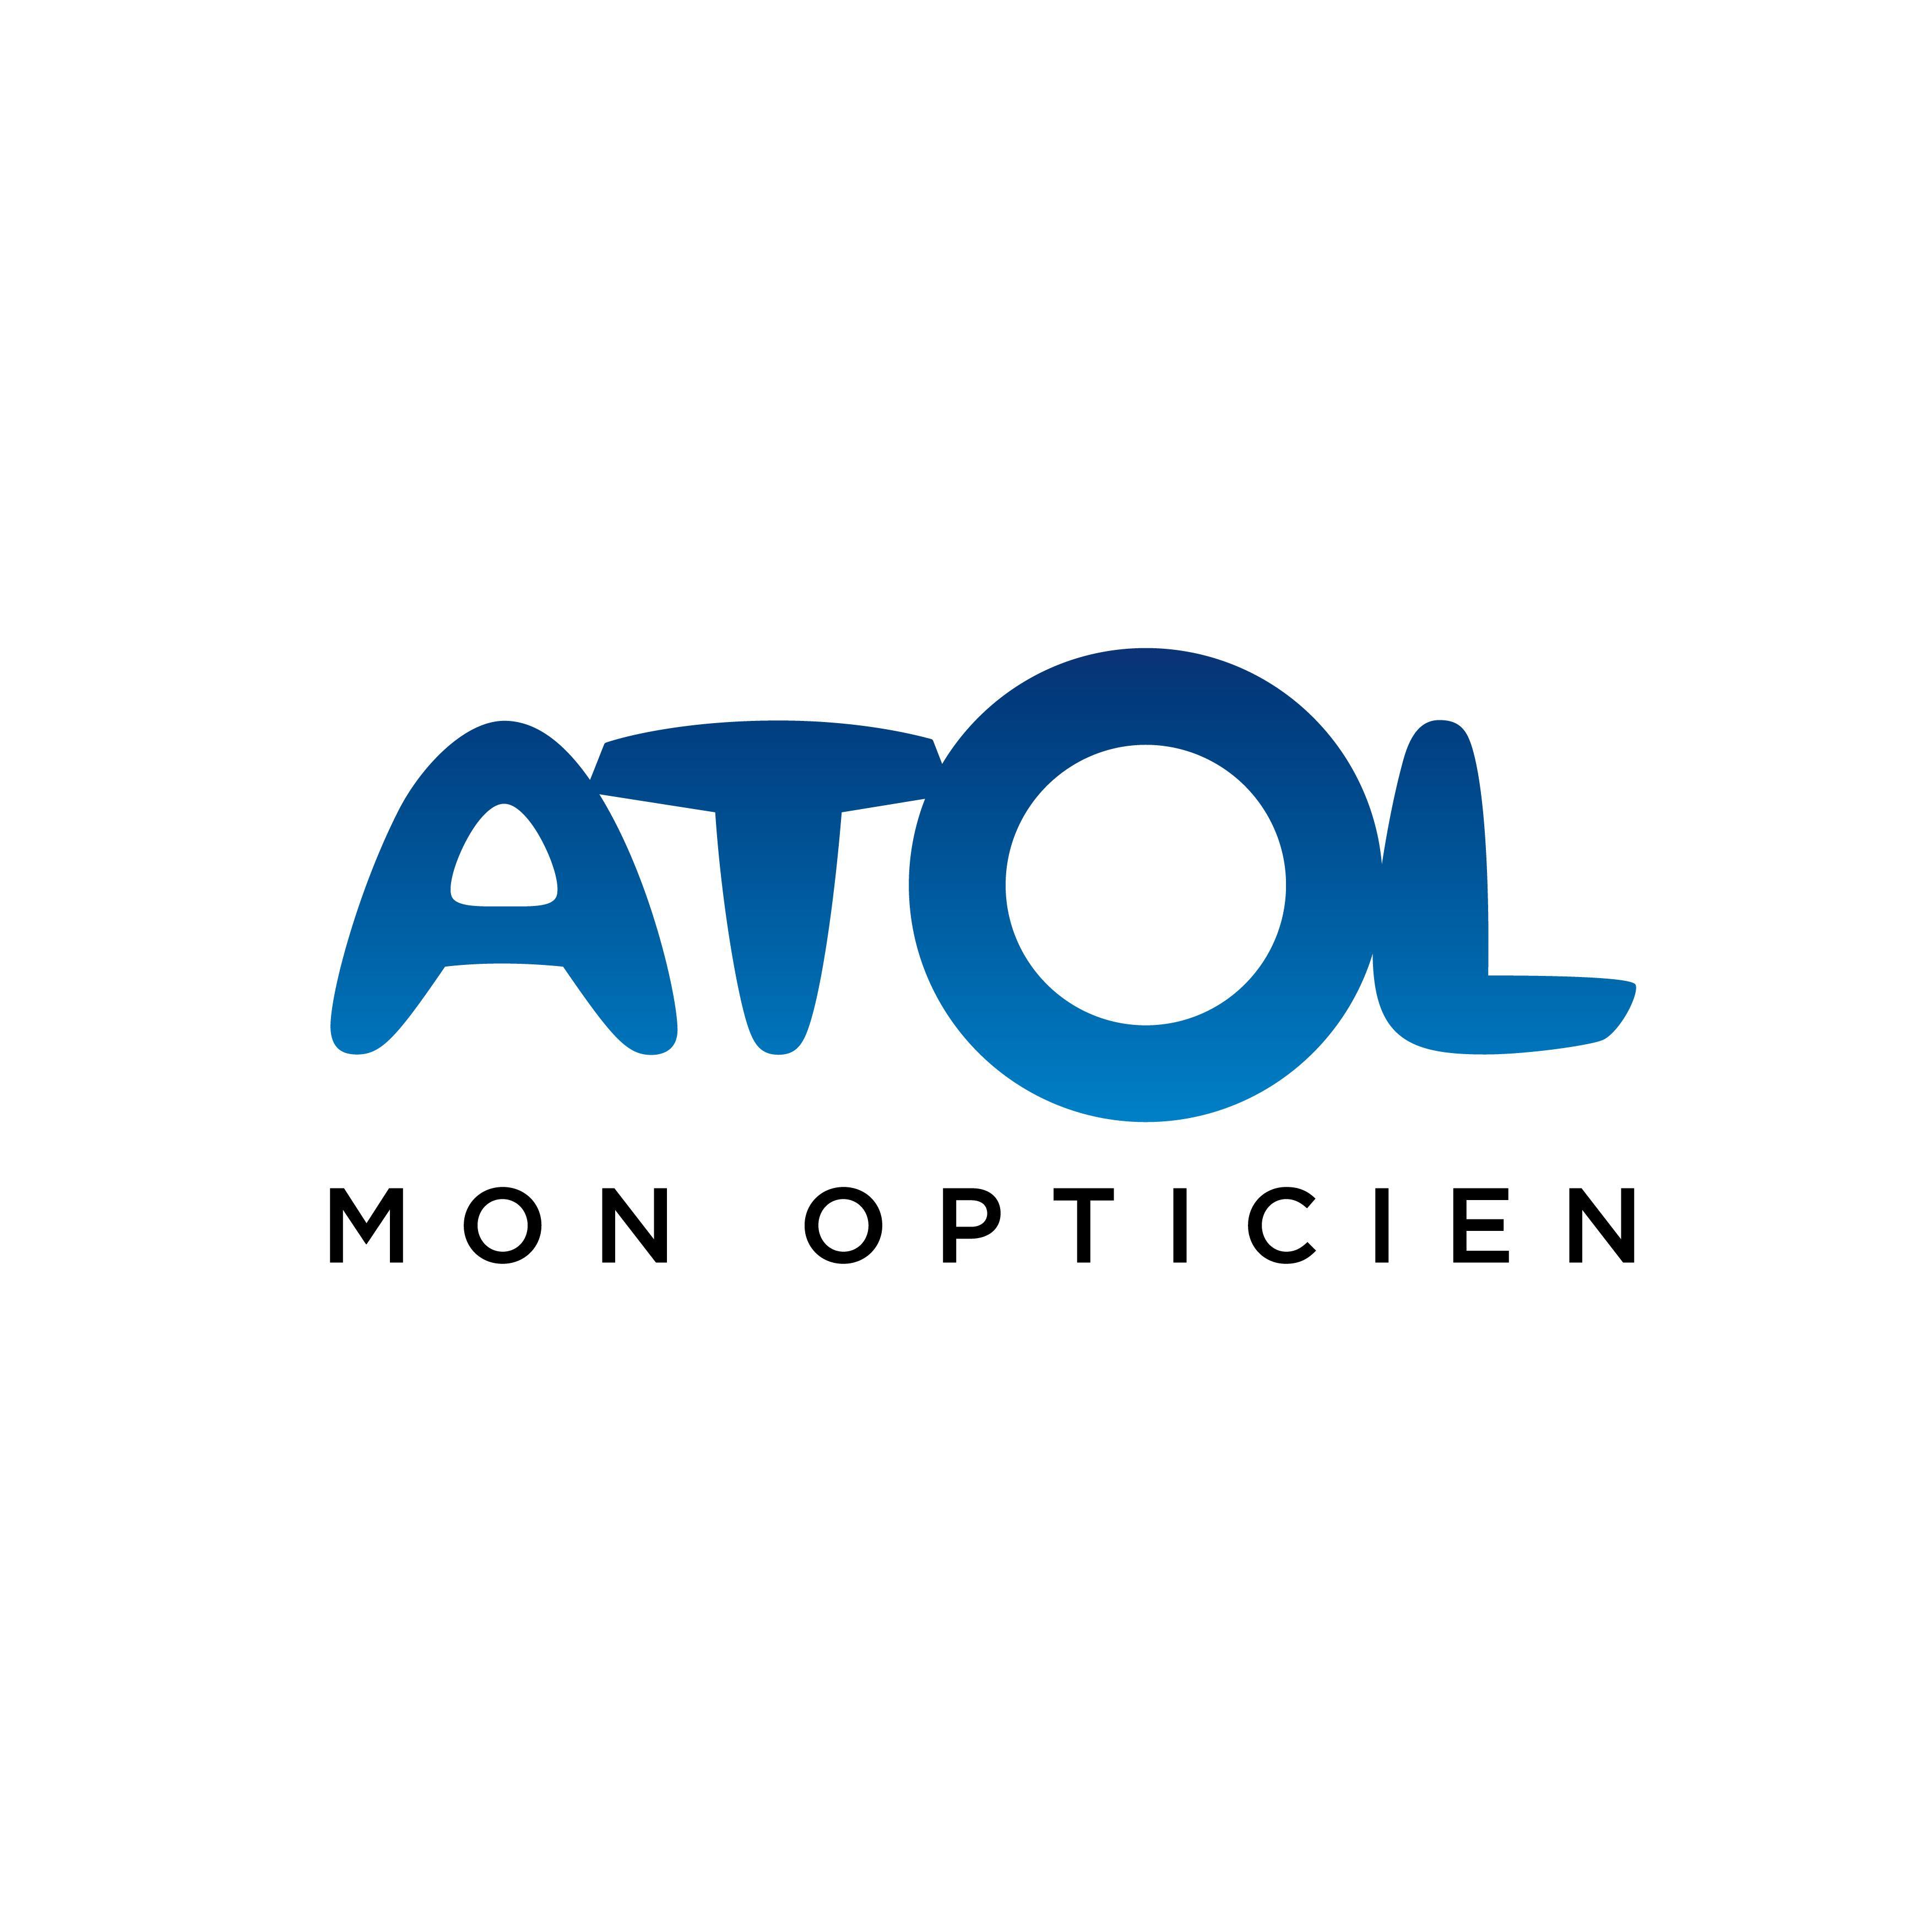 Atol Mon Opticien Toulouse